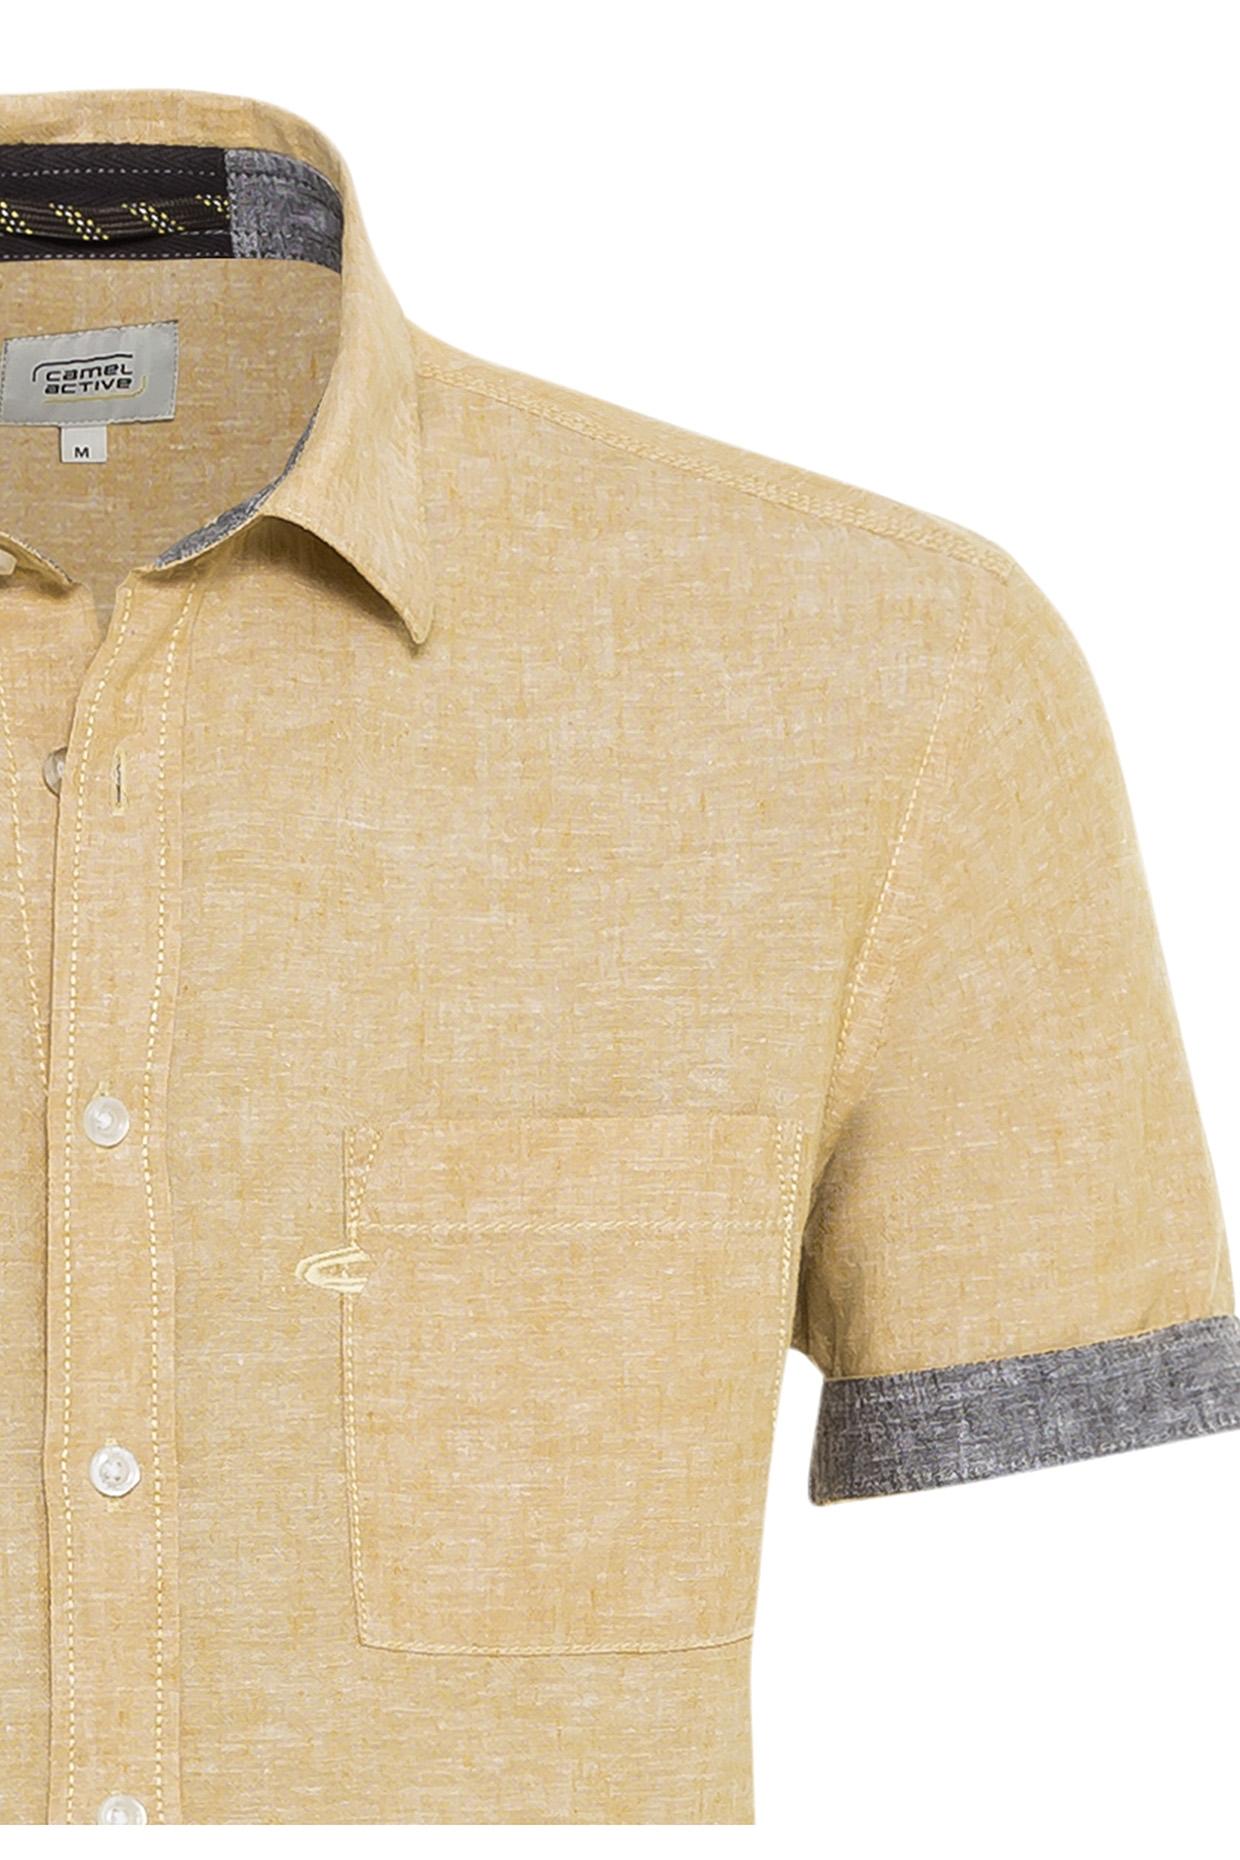 Camel active kurzarm Hemd gelb unifarben 5S49409238 60